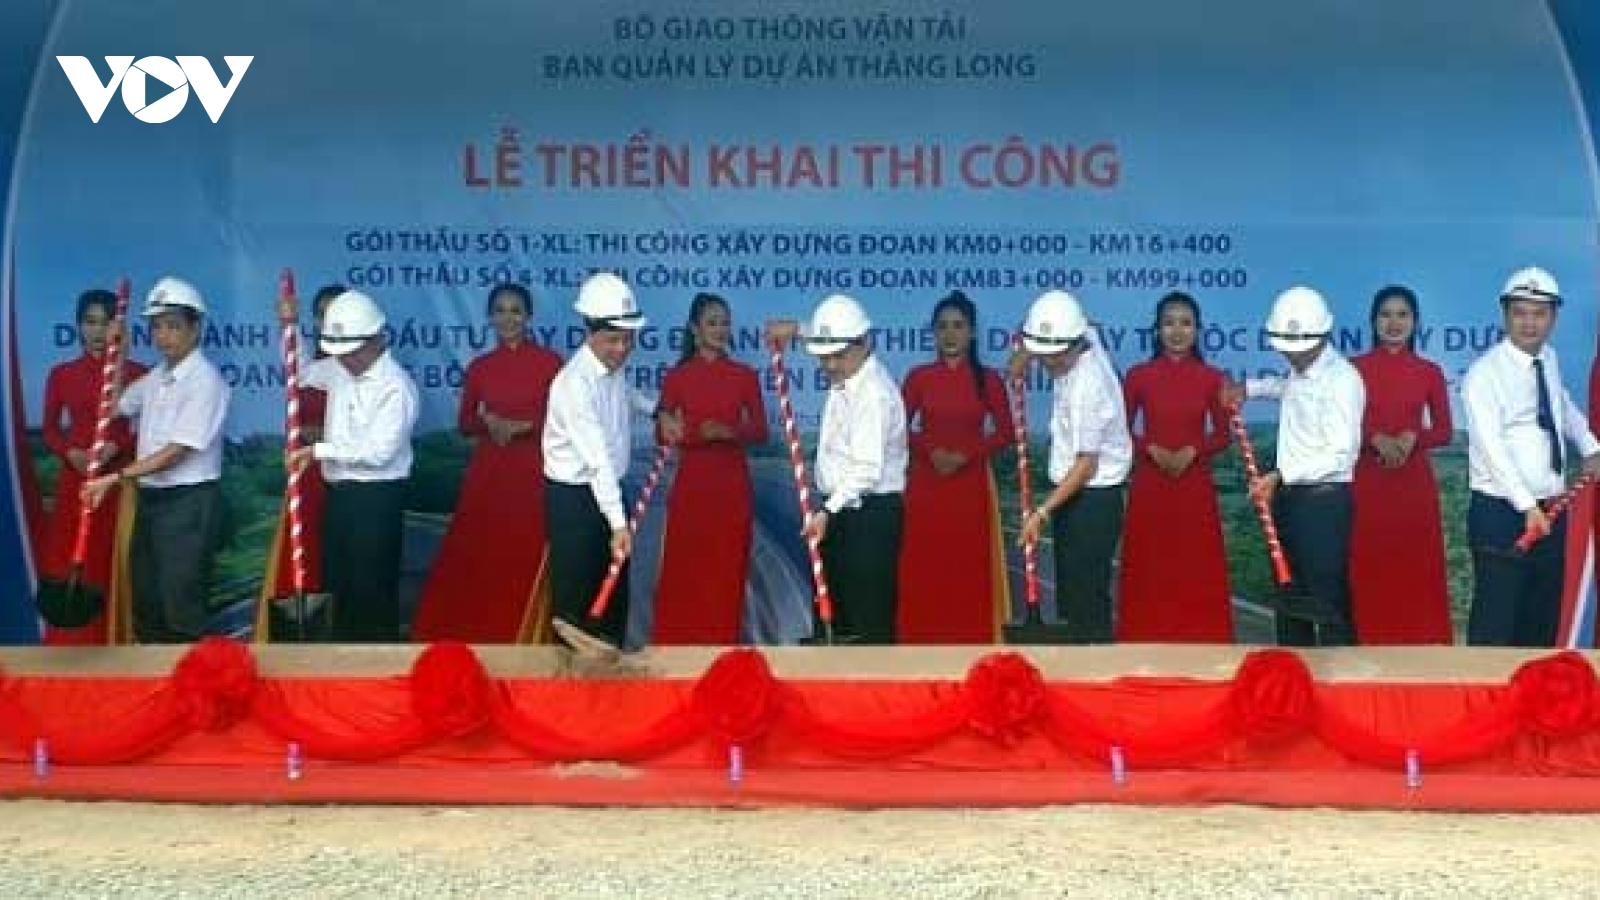 Thi công hai gói thầu Dự án đường cao tốc Phan Thiết - Dầu Giây